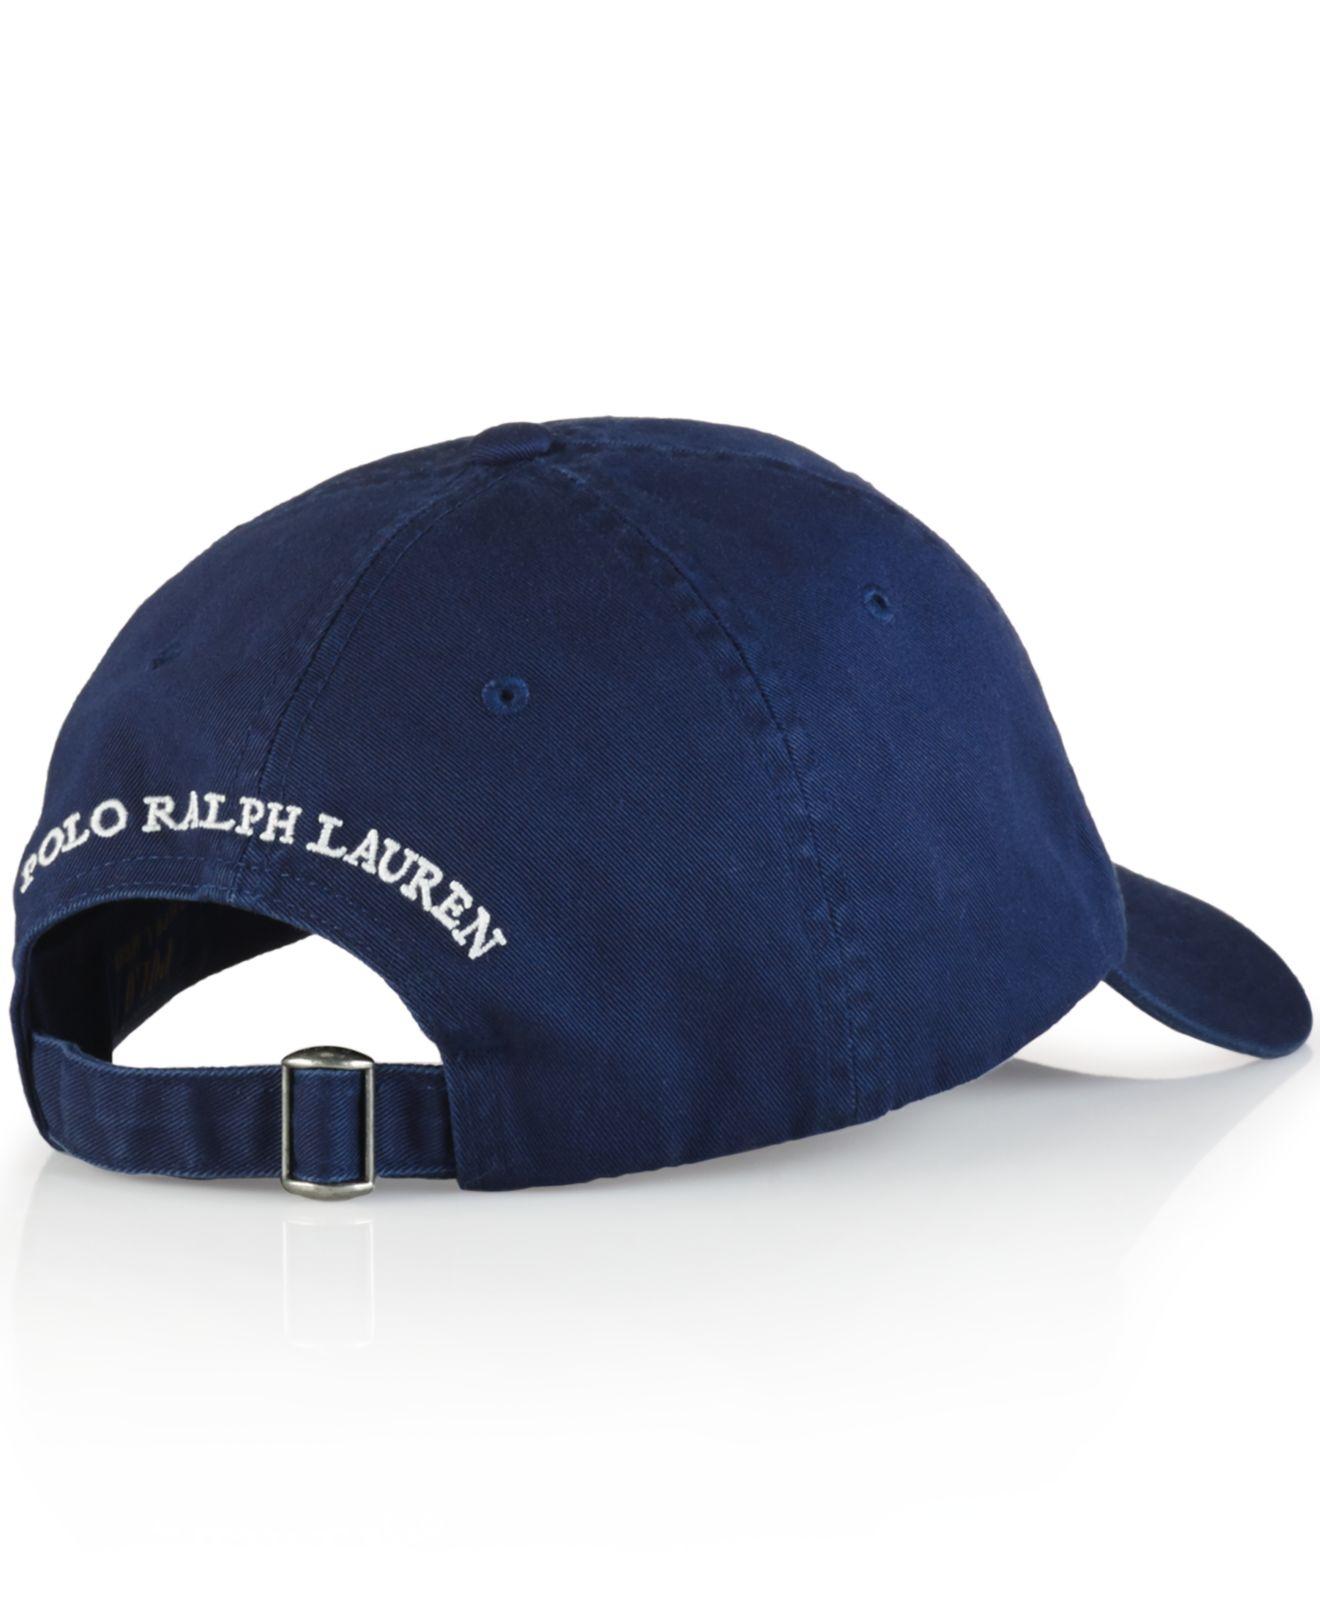 ebb8901a02c Lyst - Polo Ralph Lauren Polo Bear Chino Baseball Cap - Preppy Polo ...